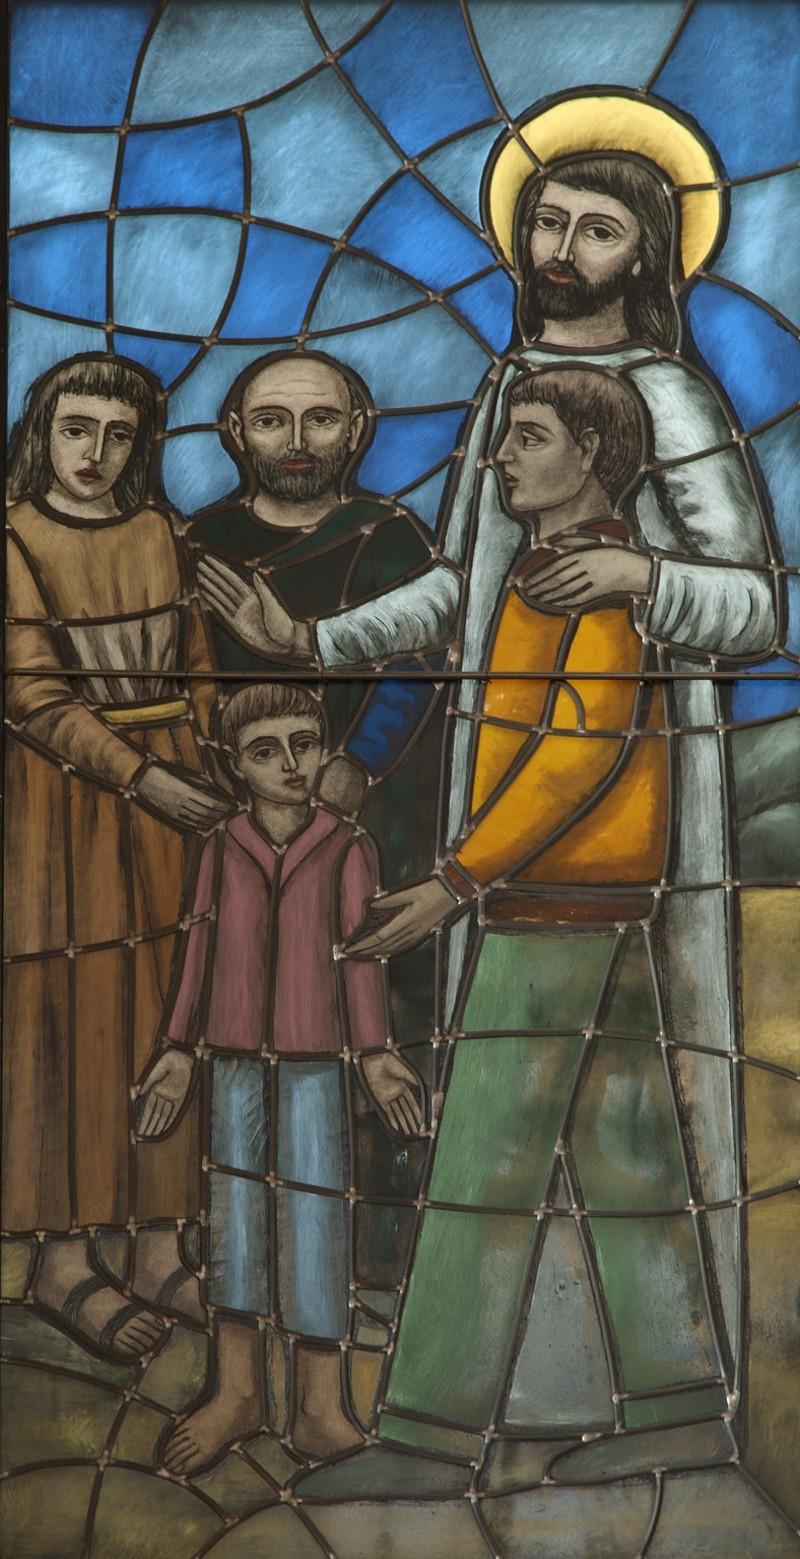 Cavallini S. (1990), Carità